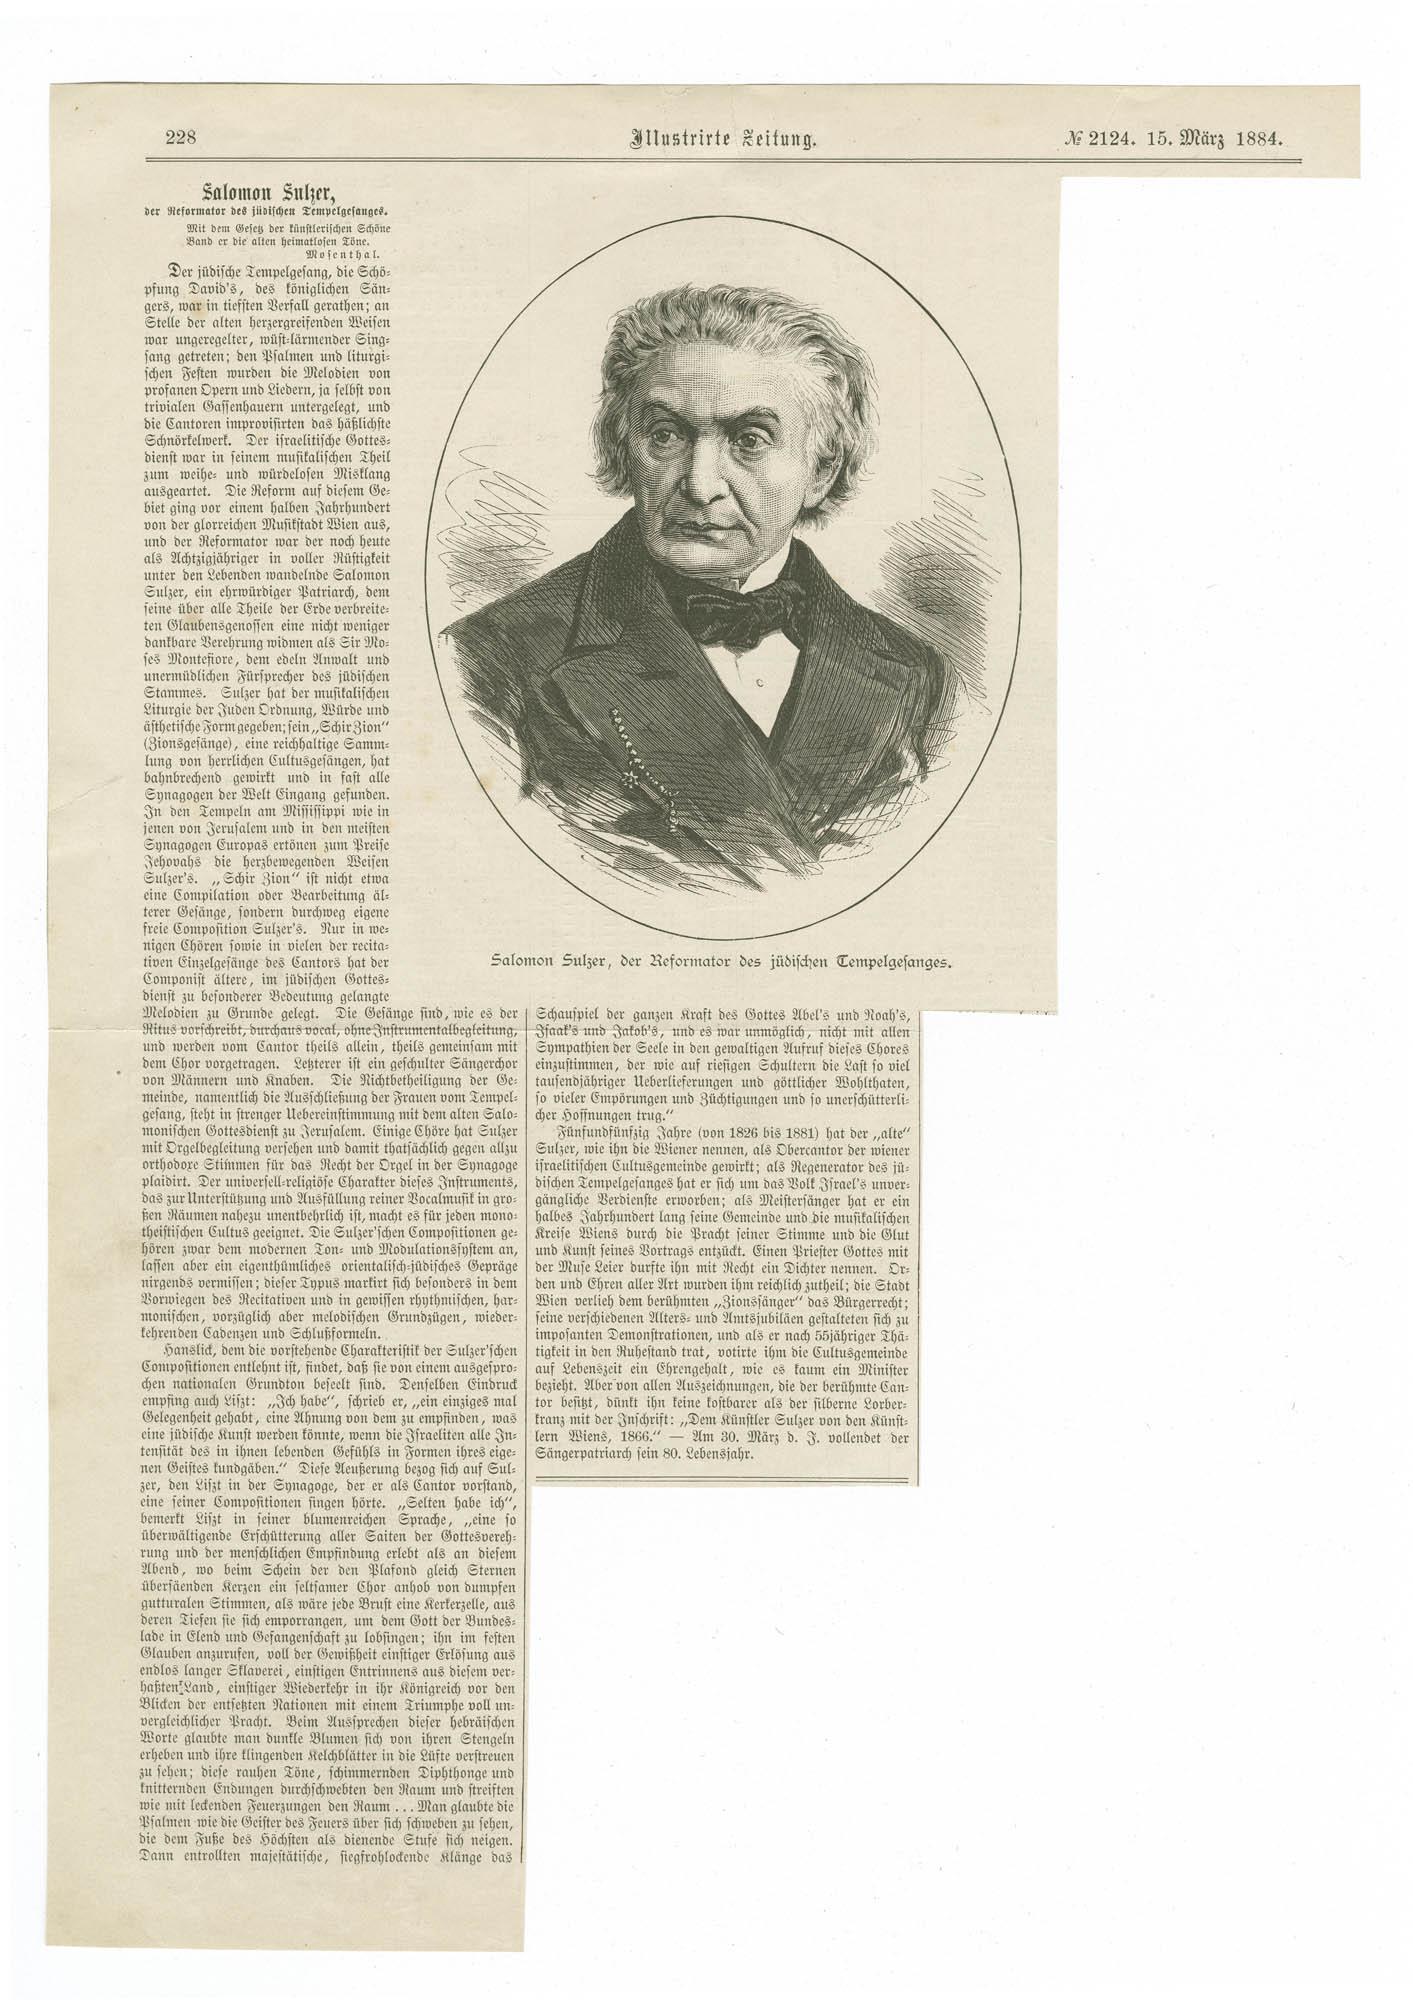 Salomon Sulzer, der Reformator des jüdischen Tempelgesanges